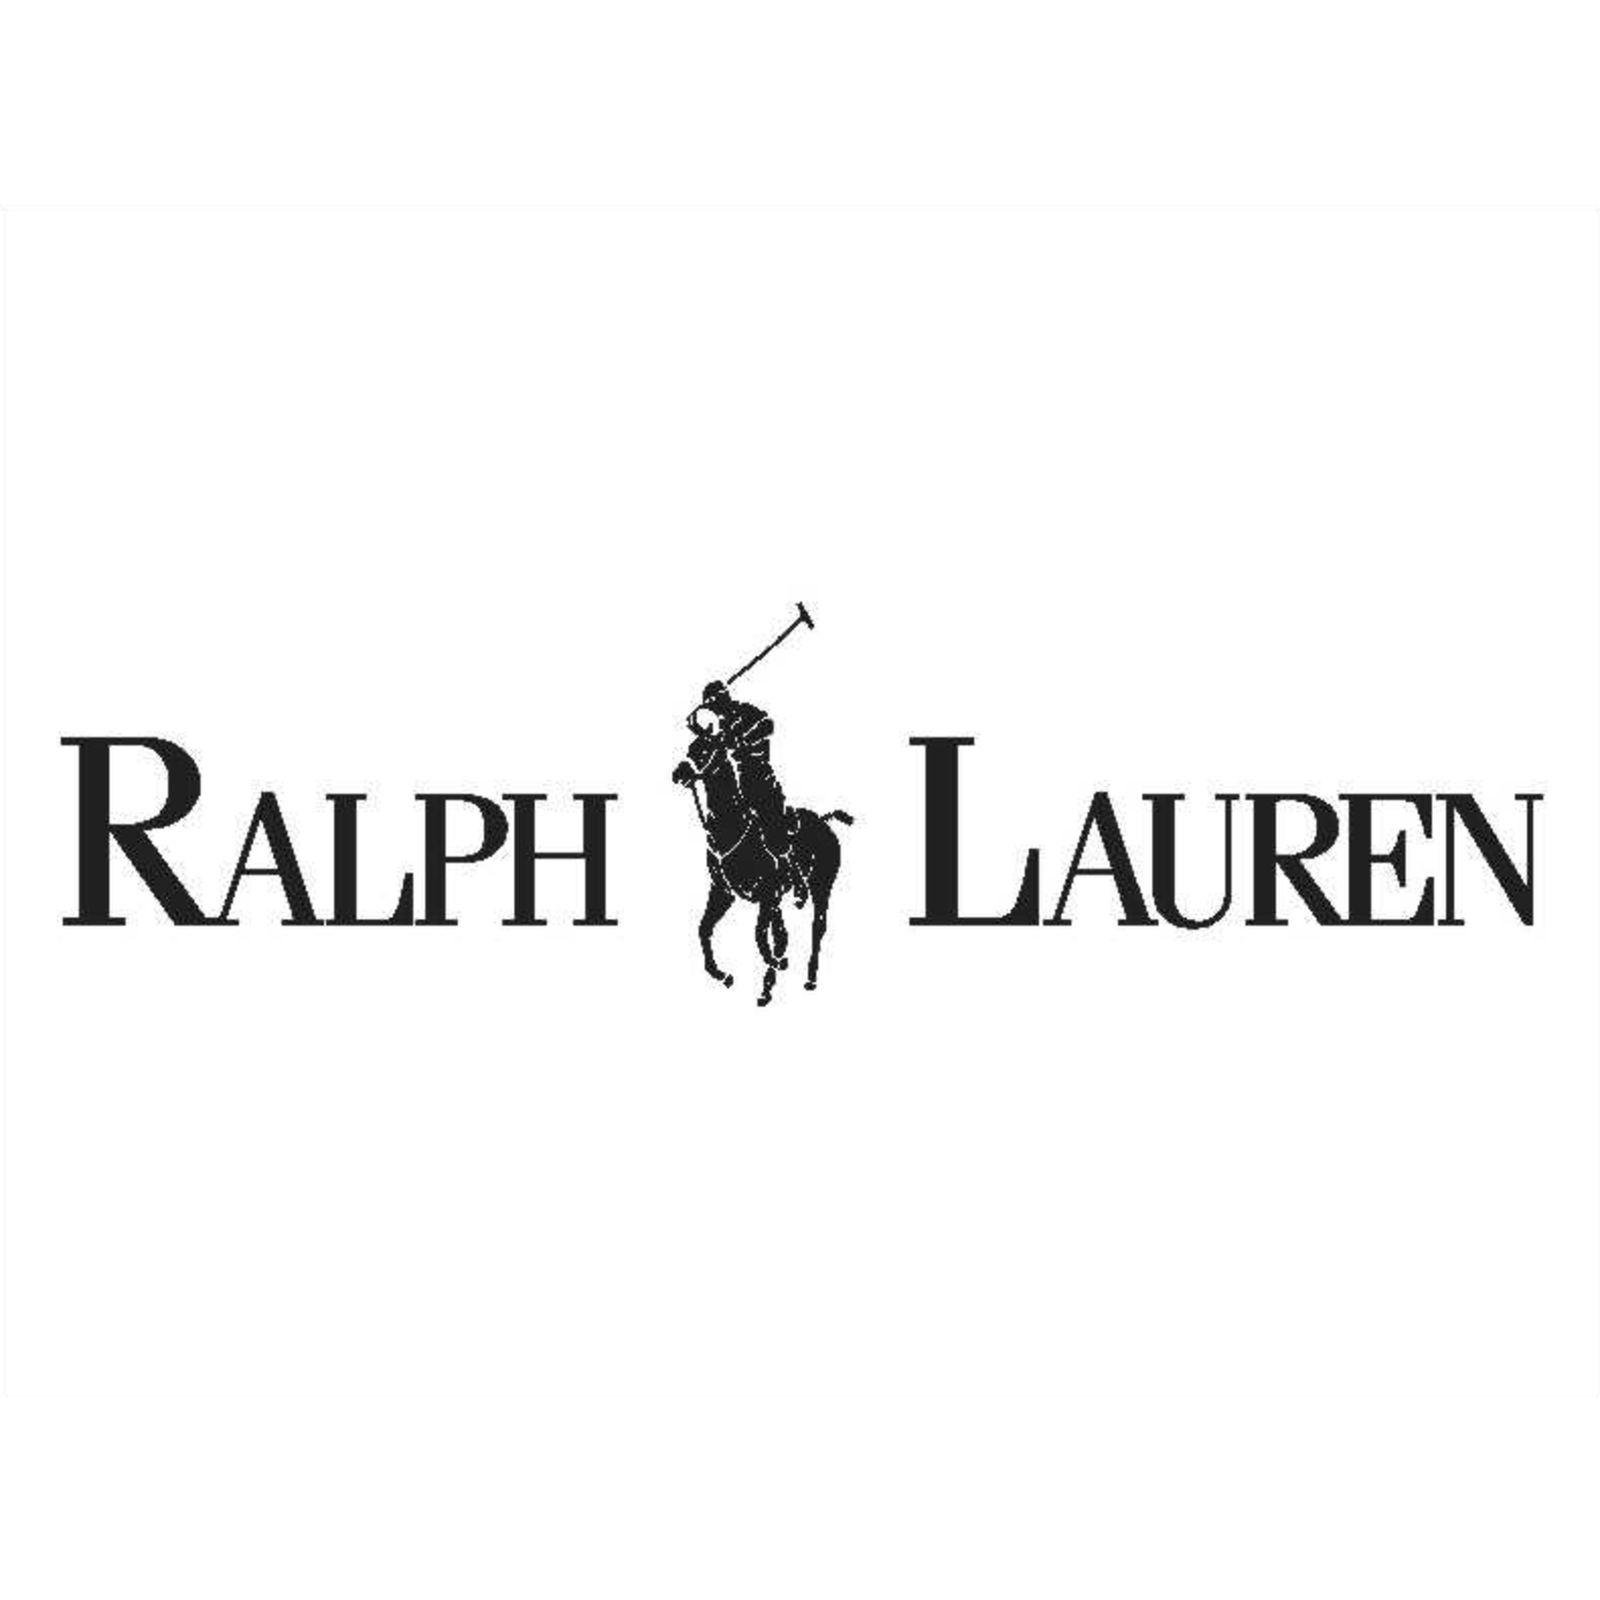 RALPH LAUREN KIDS (Image 1)